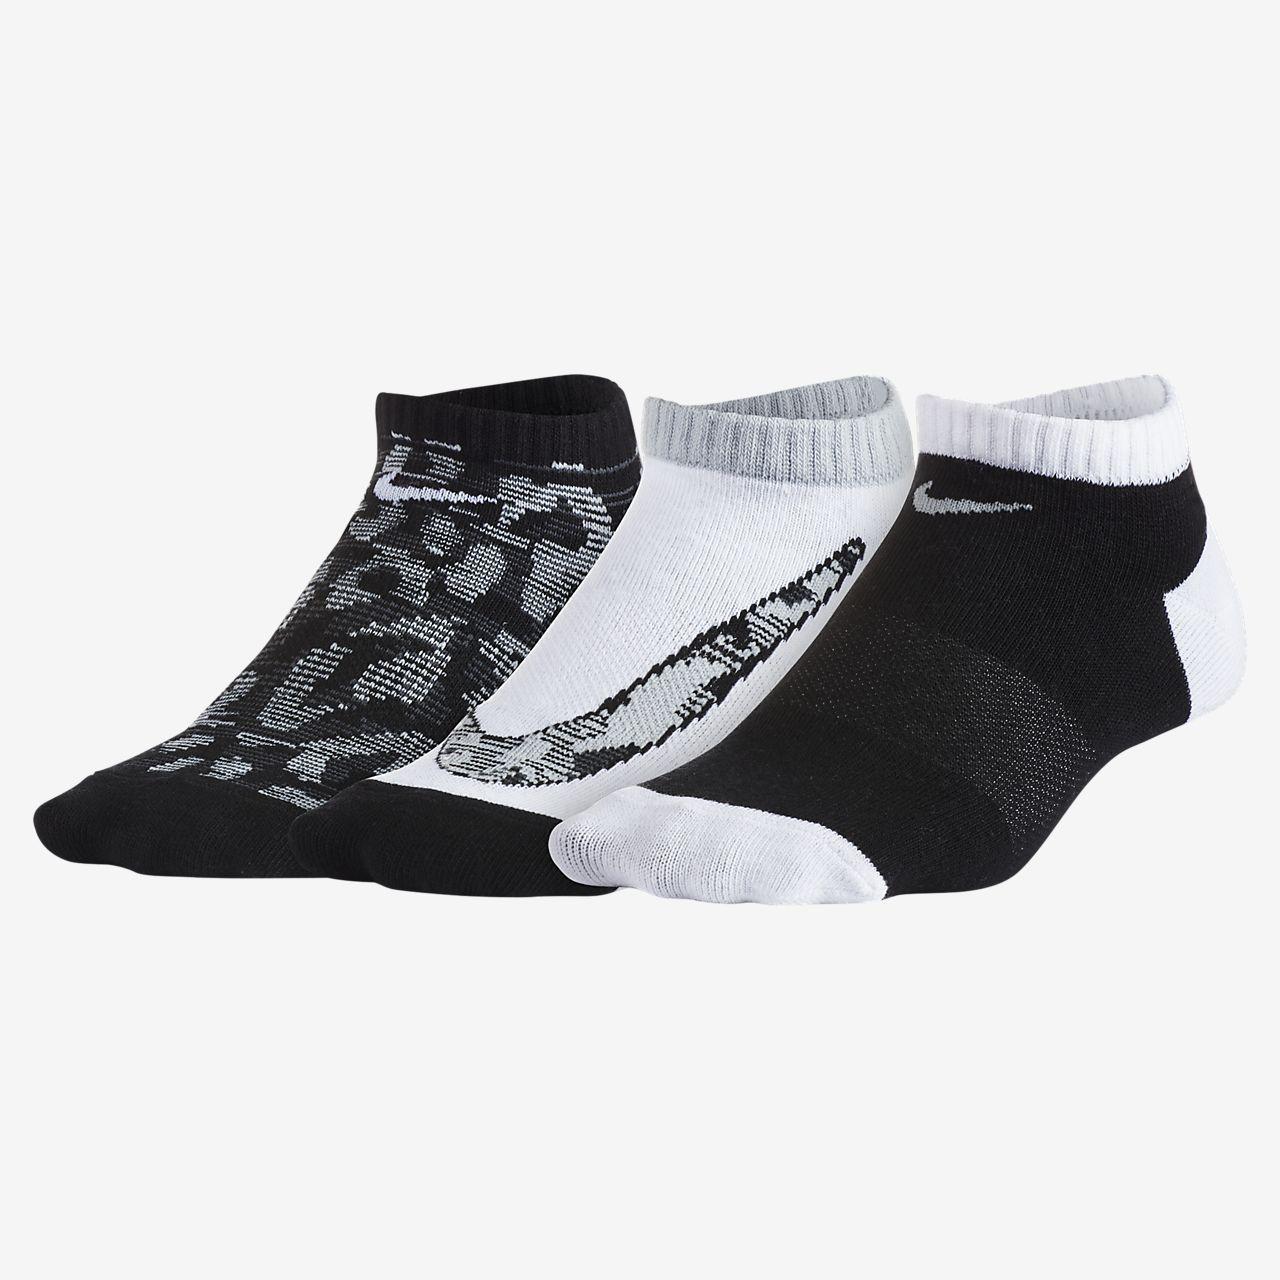 promo code 0ebbd 26ac6 ... Chaussettes Nike Tigress No-Show pour Jeune enfant (3 paires)